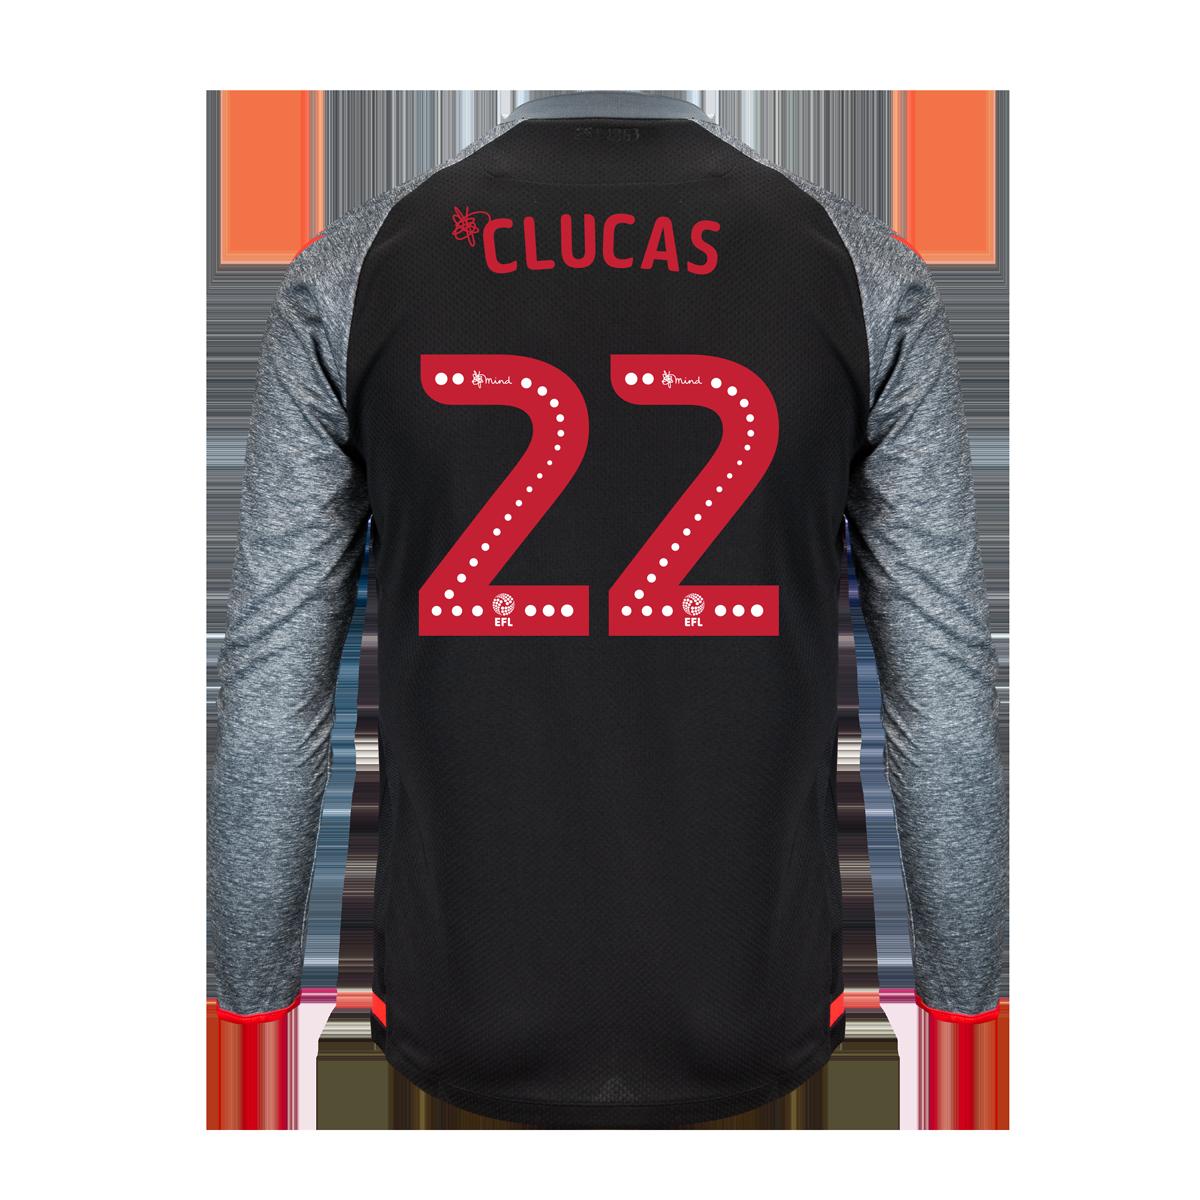 2019/20 Adult Away LS Shirt - Clucas